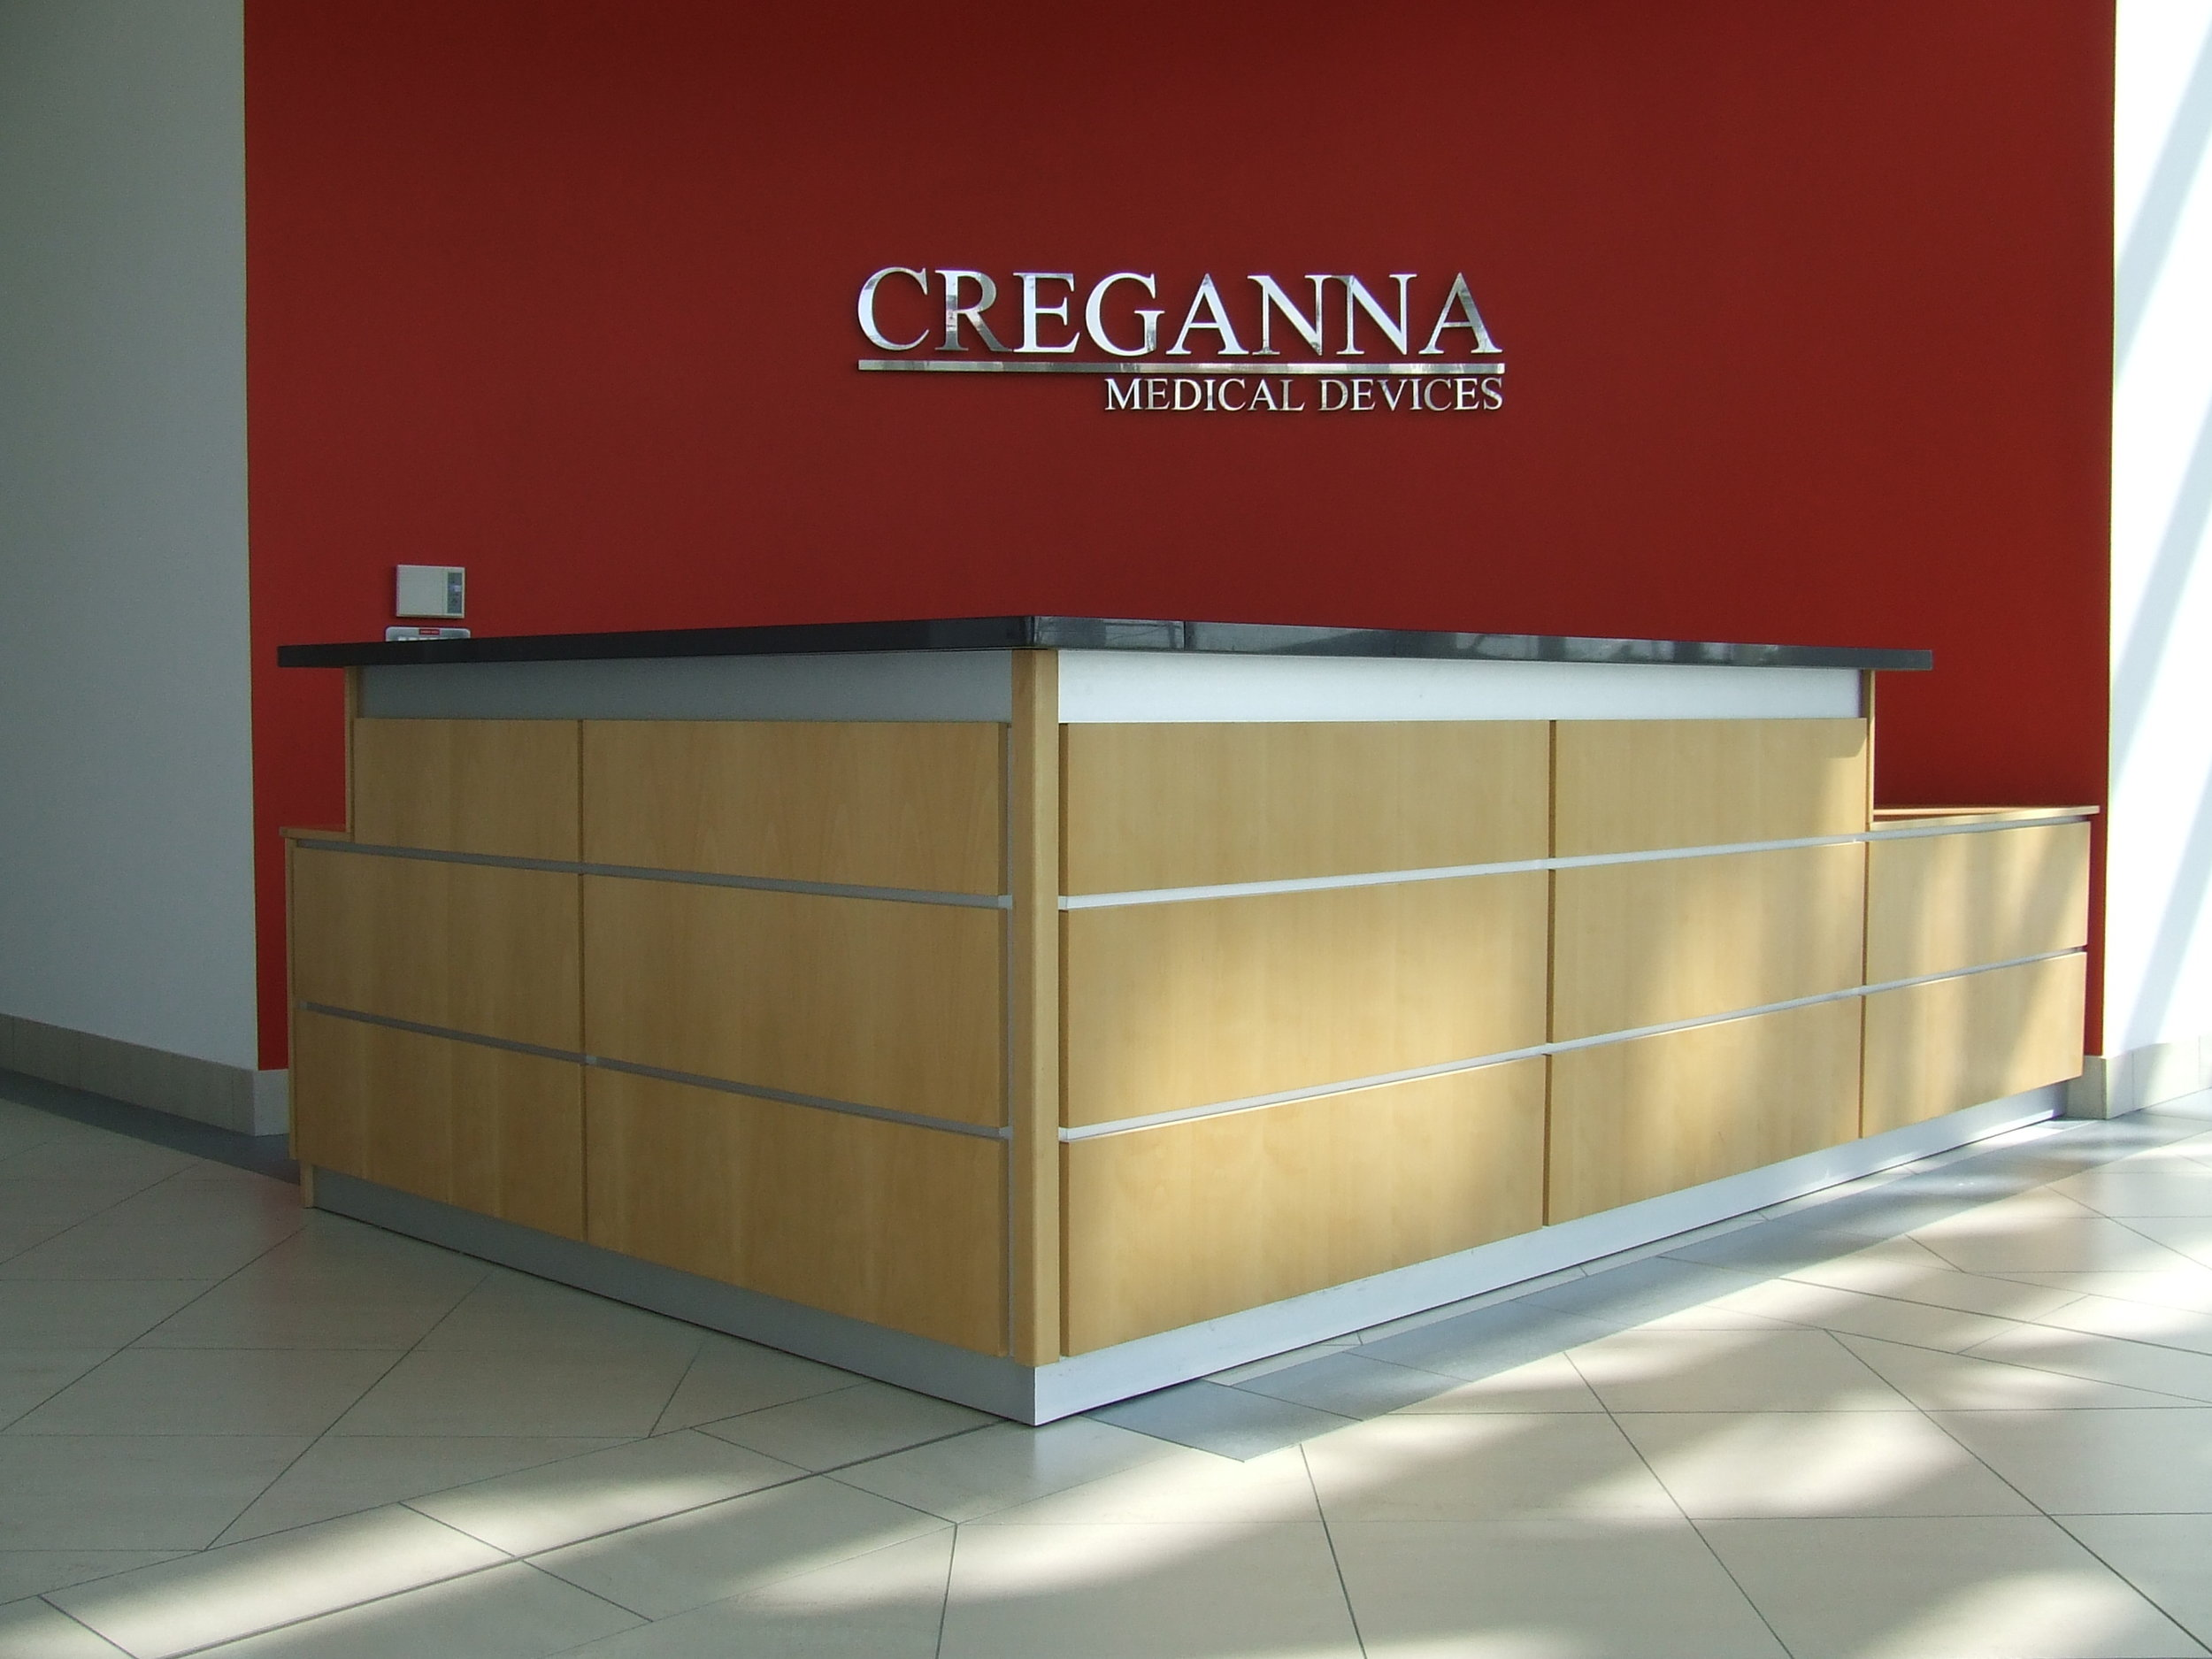 Creganna